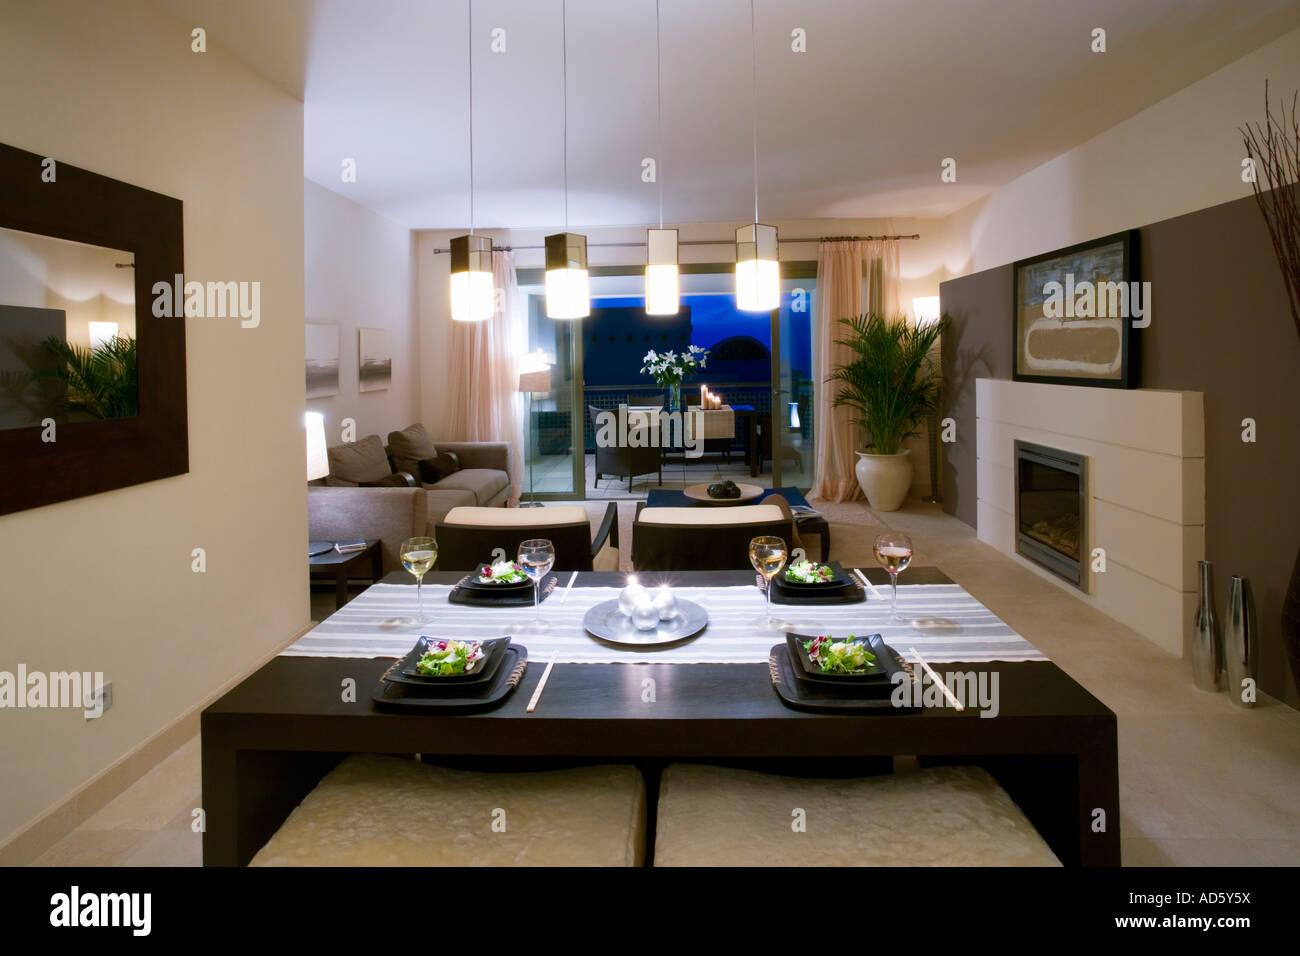 Faszinierend Offene Küche Wohnzimmer Bilder Referenz Von Küche Und Im Modernen Spanischen Wohnung Mit